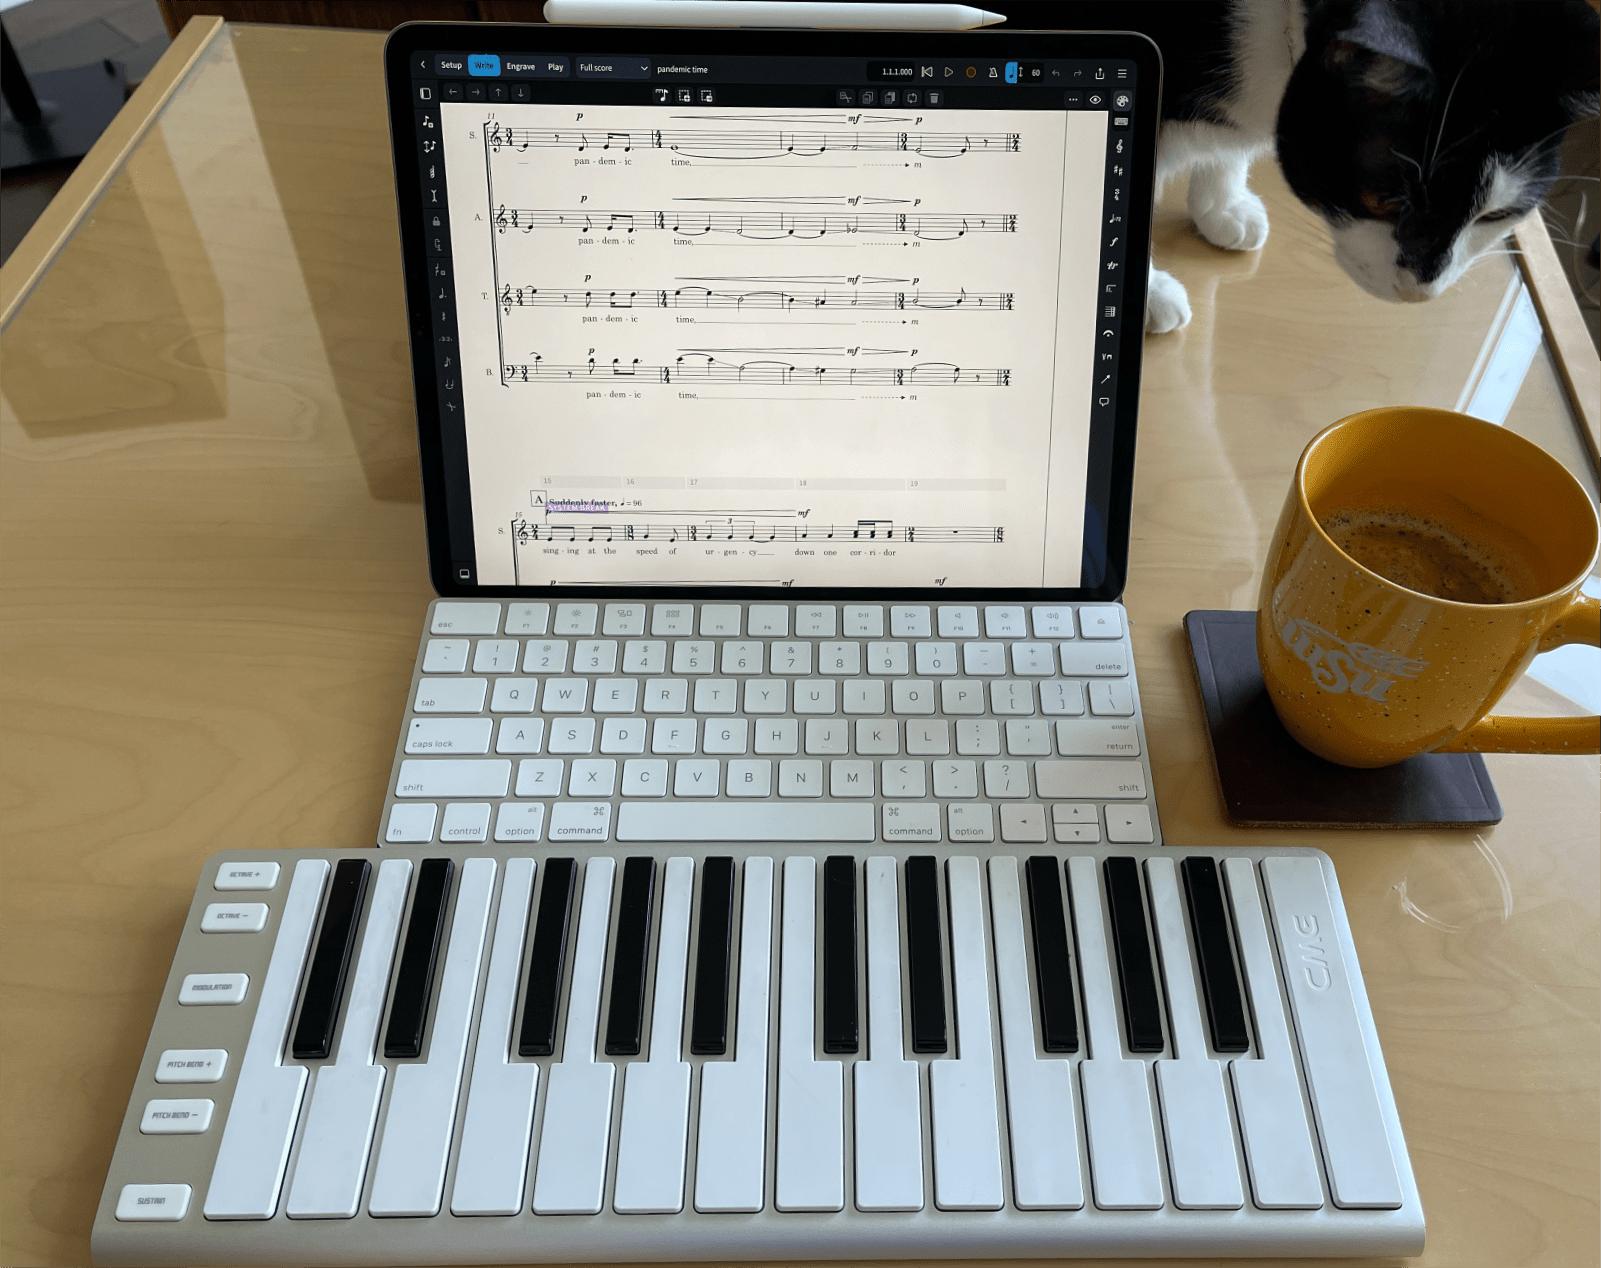 Photo of iPad, Keyboard, and MIDI